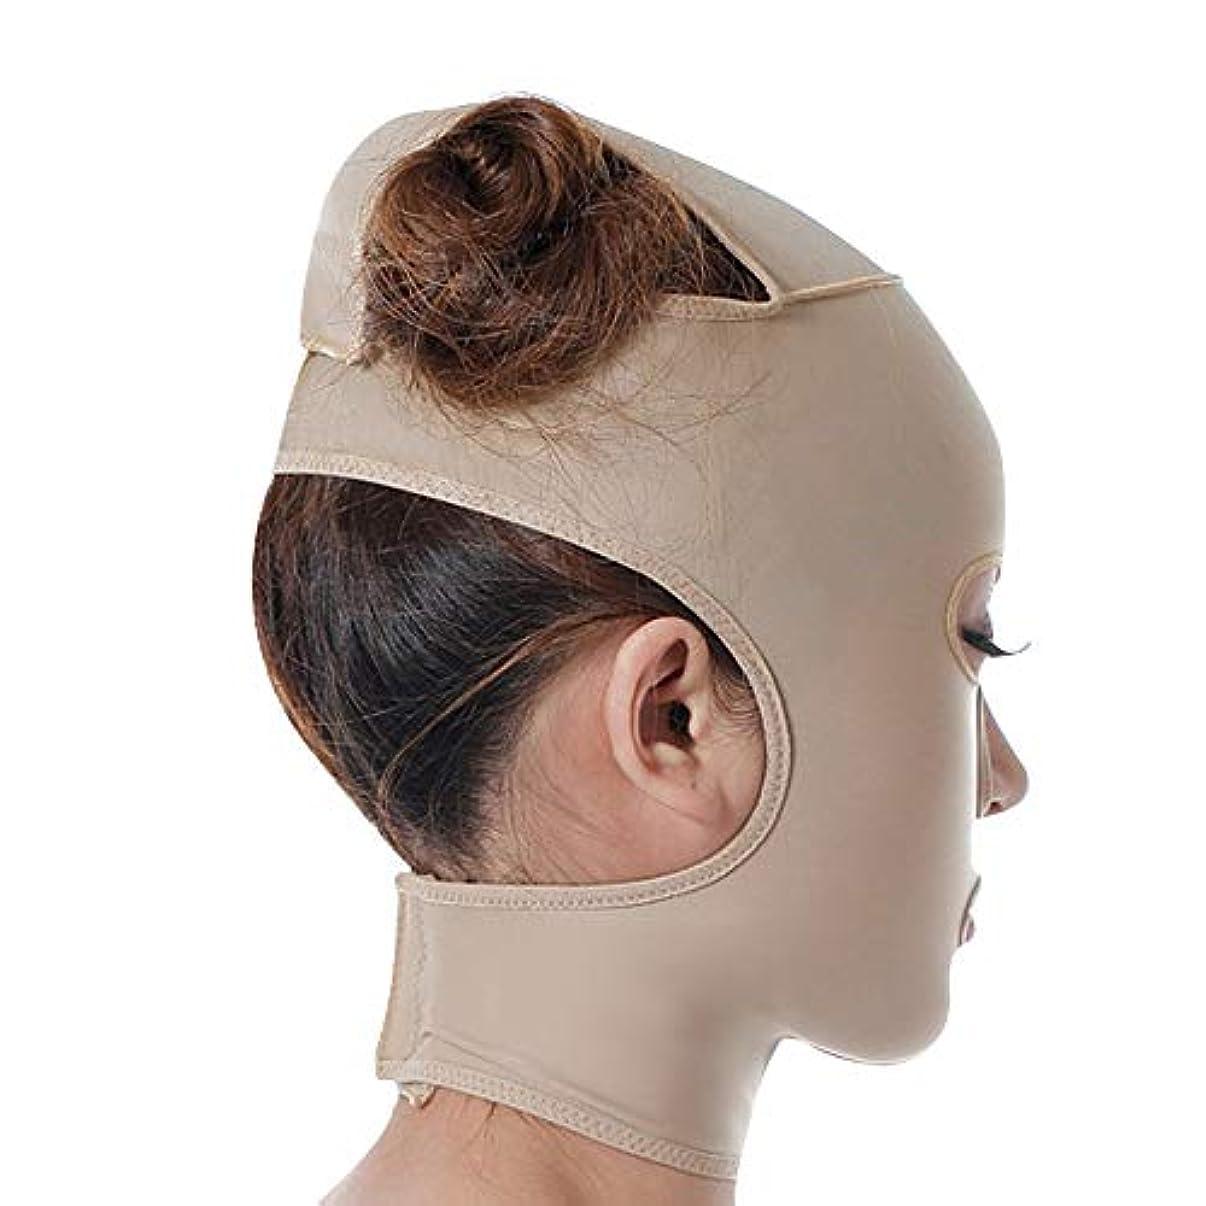 ラッシュ速記セージTLMY 引き締めマスクマスク美容薬マスク美容V顔包帯ライン彫刻リフティング引き締め二重あごマスク 顔用整形マスク (Size : M)